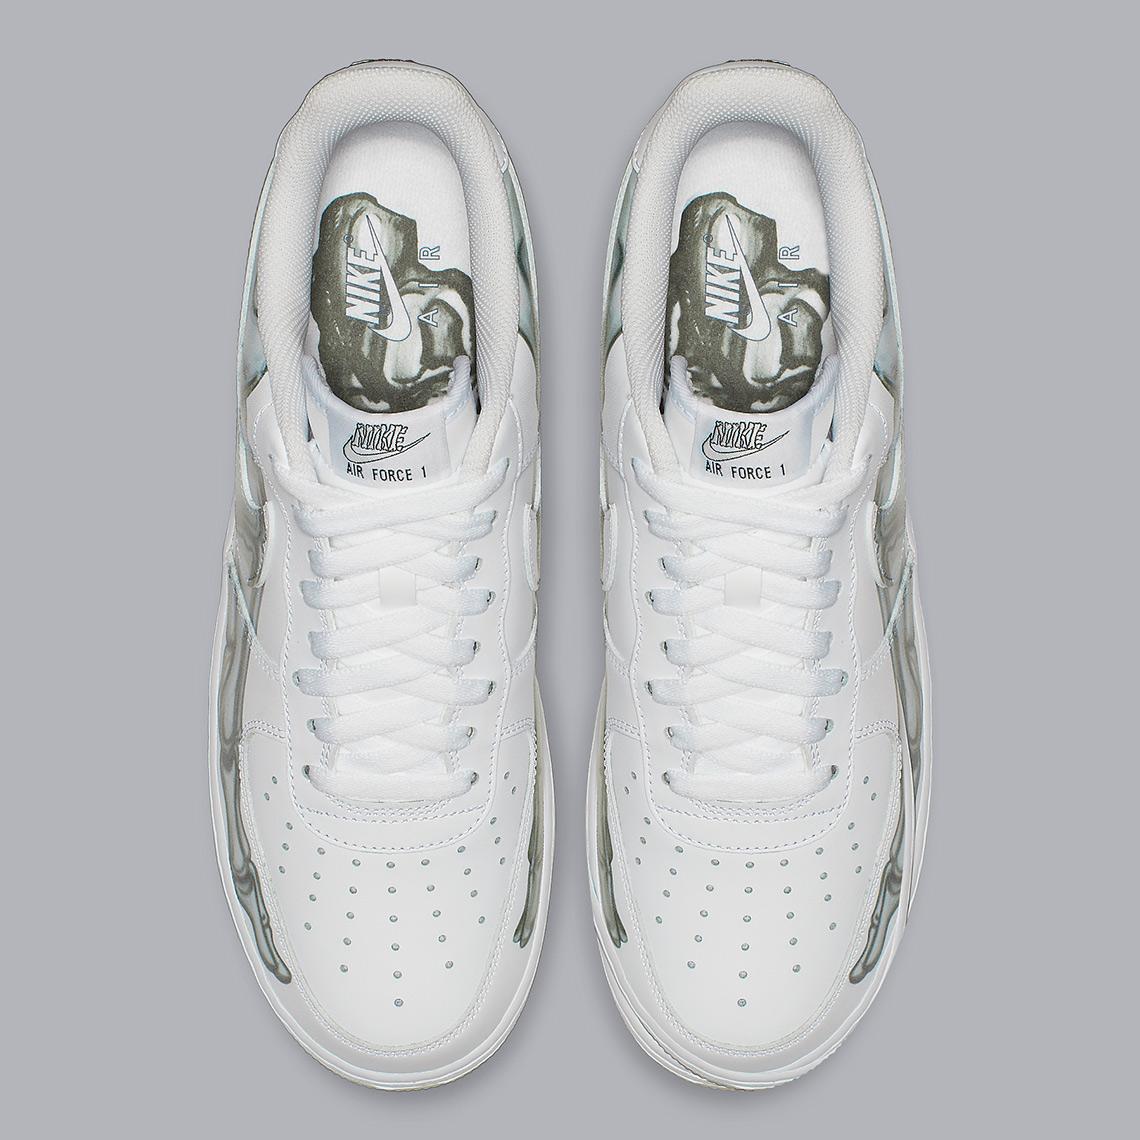 Nike Air Force 1 Low Skeleton BQ7541 100 Store List